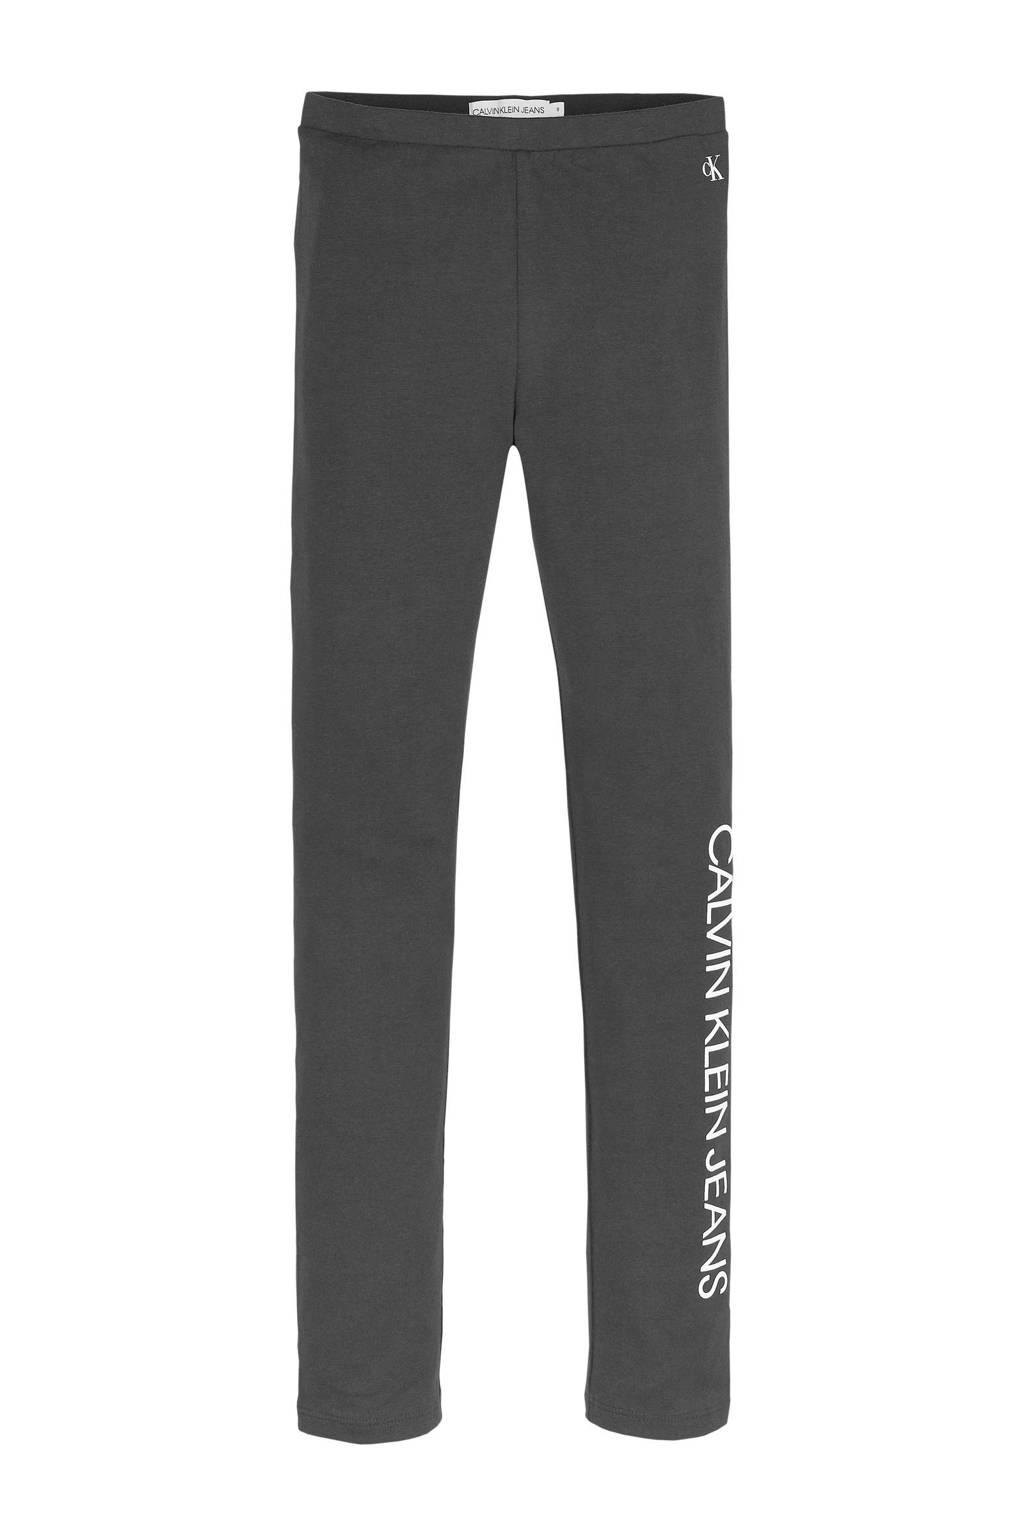 CALVIN KLEIN JEANS legging met biologisch katoen zwart/wit, Zwart/wit